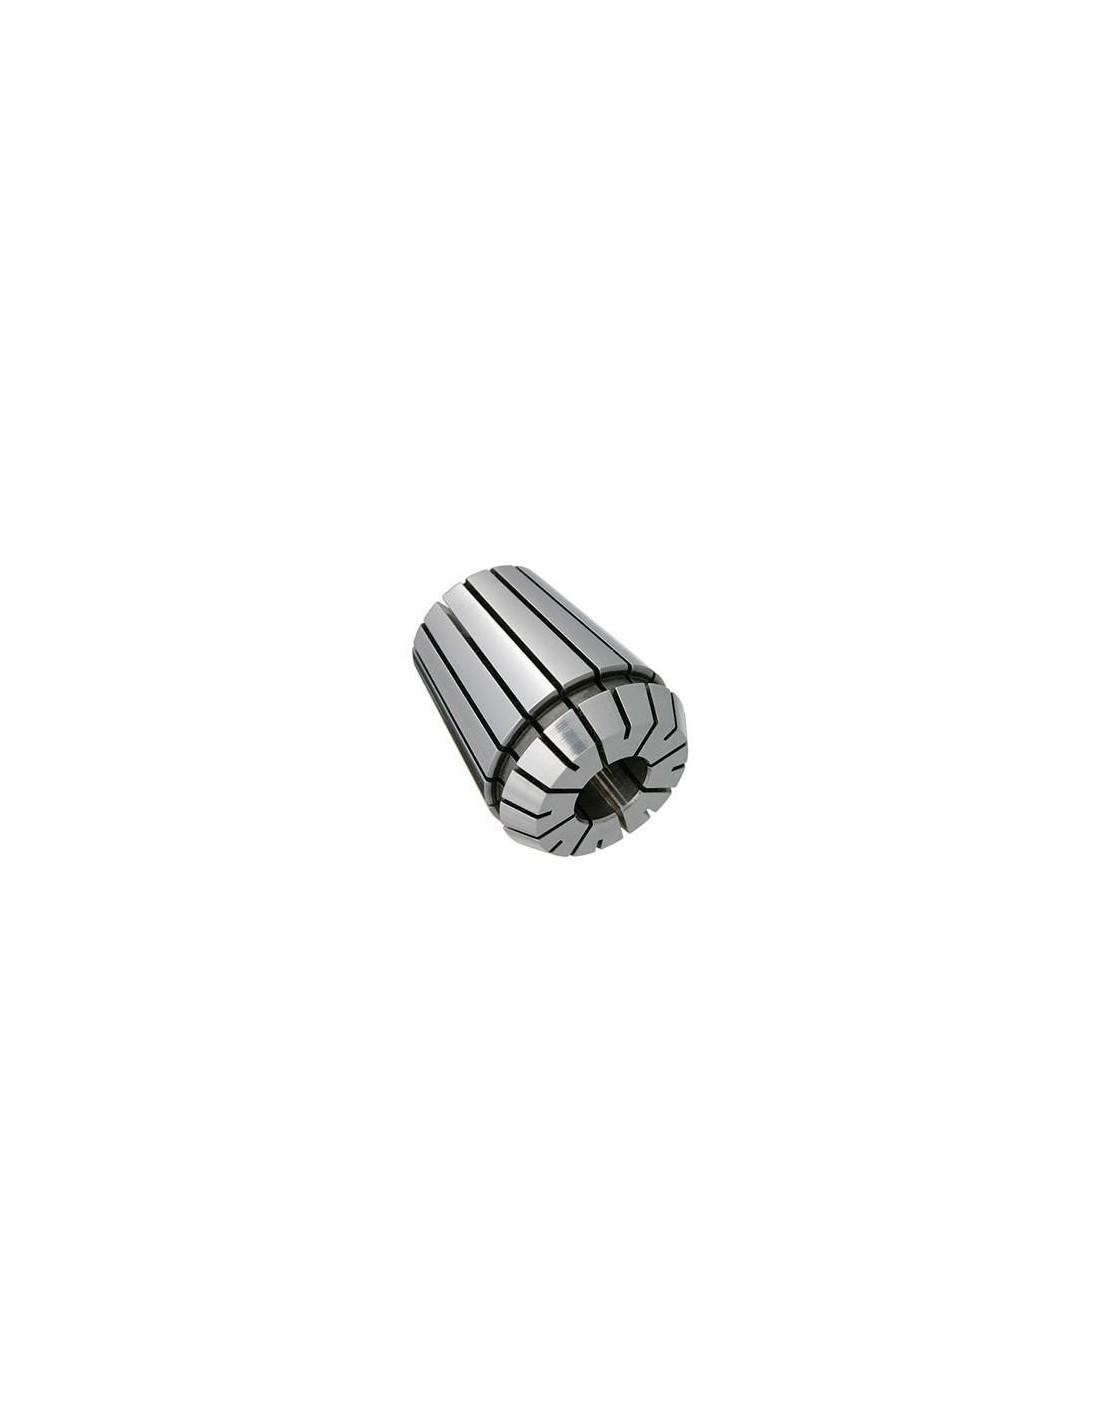 Bucsa elastica Canela tip ER 16, DIN 6499B, 1,0 mm